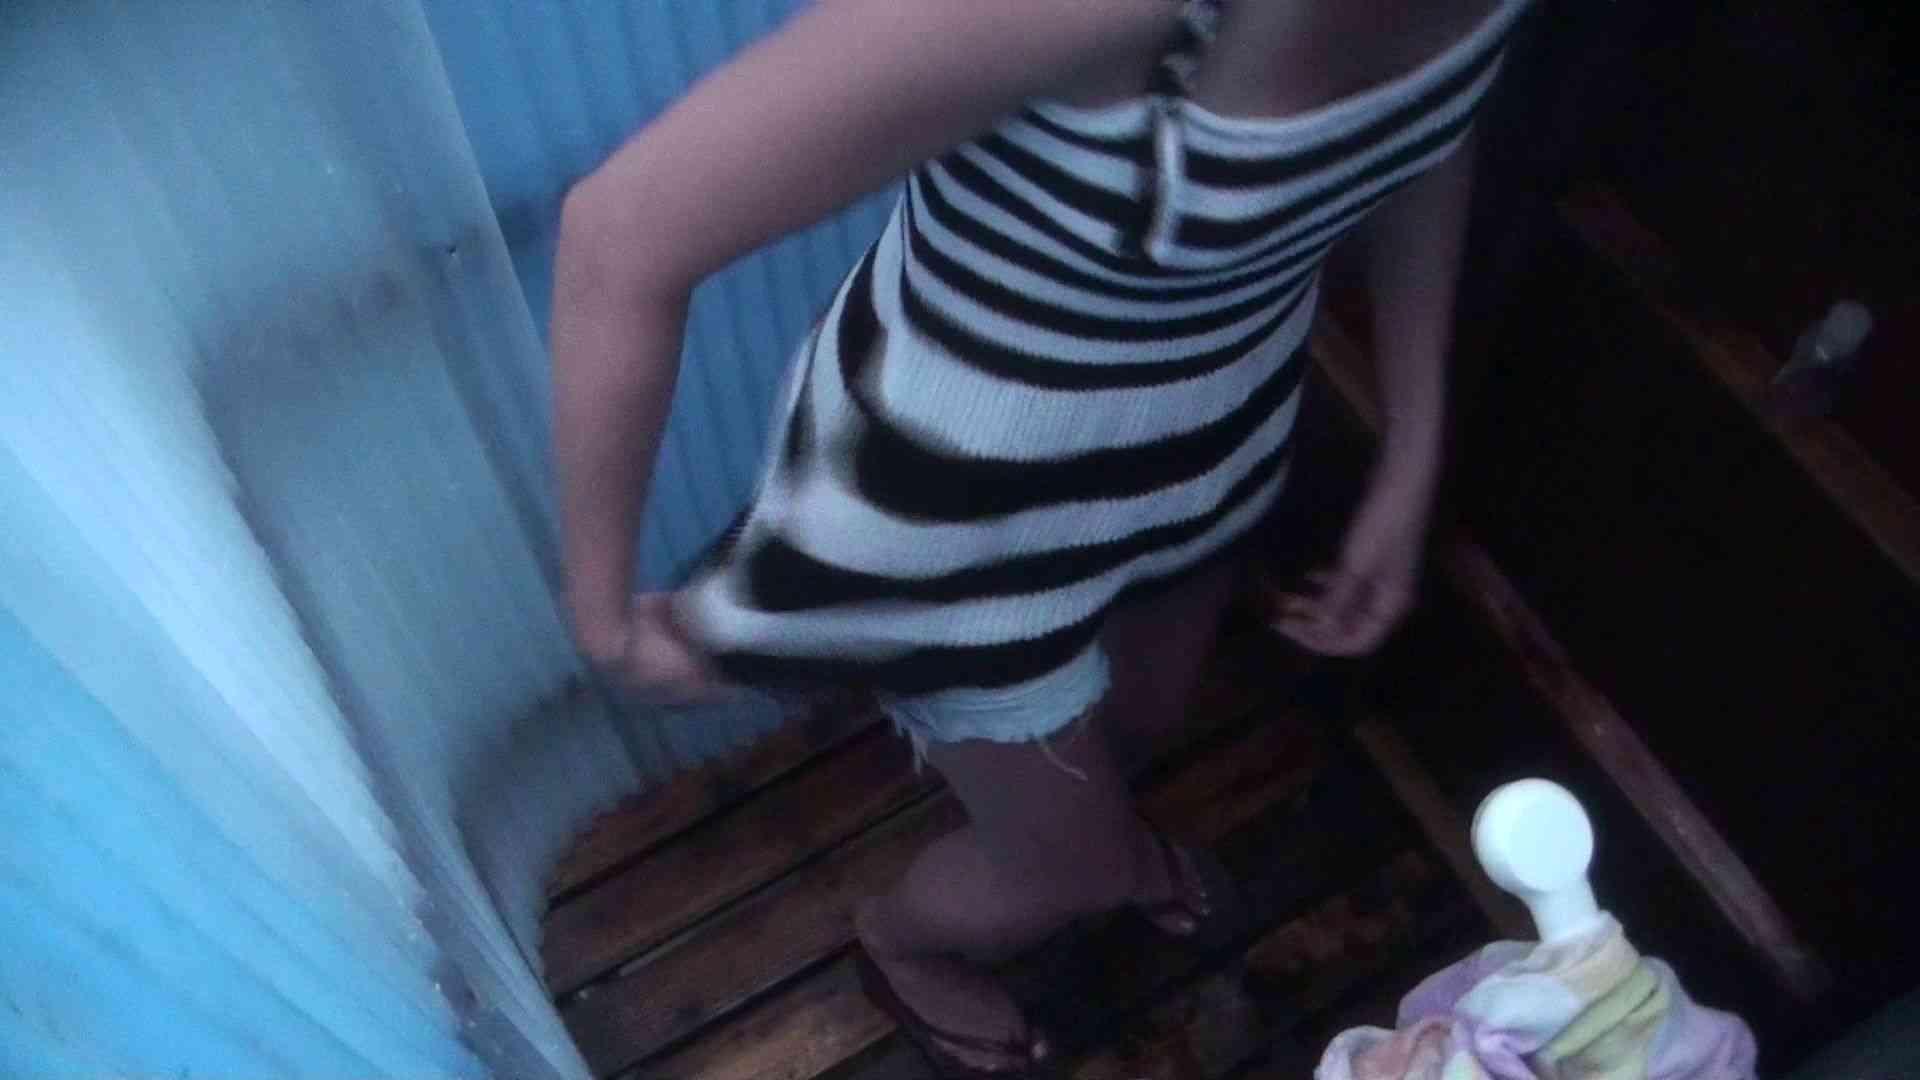 シャワールームは超!!危険な香りVol.22 オッパイに盛りが欲しい貧乳美女 貧乳編 スケベ動画紹介 74画像 8